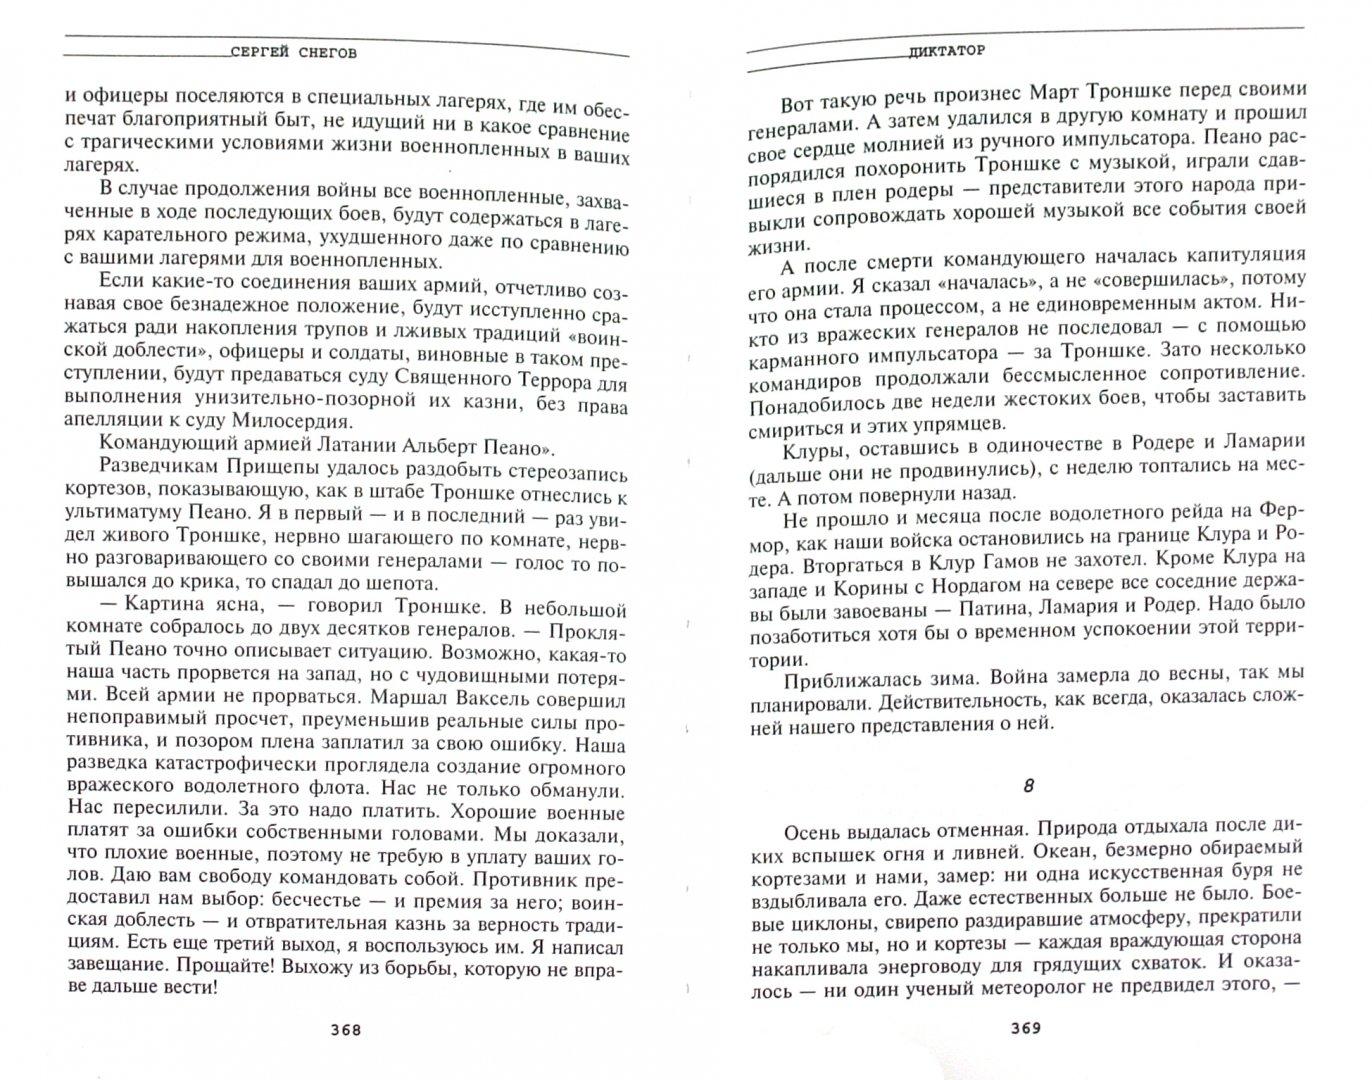 Иллюстрация 1 из 8 для Диктатор - Сергей Снегов | Лабиринт - книги. Источник: Лабиринт